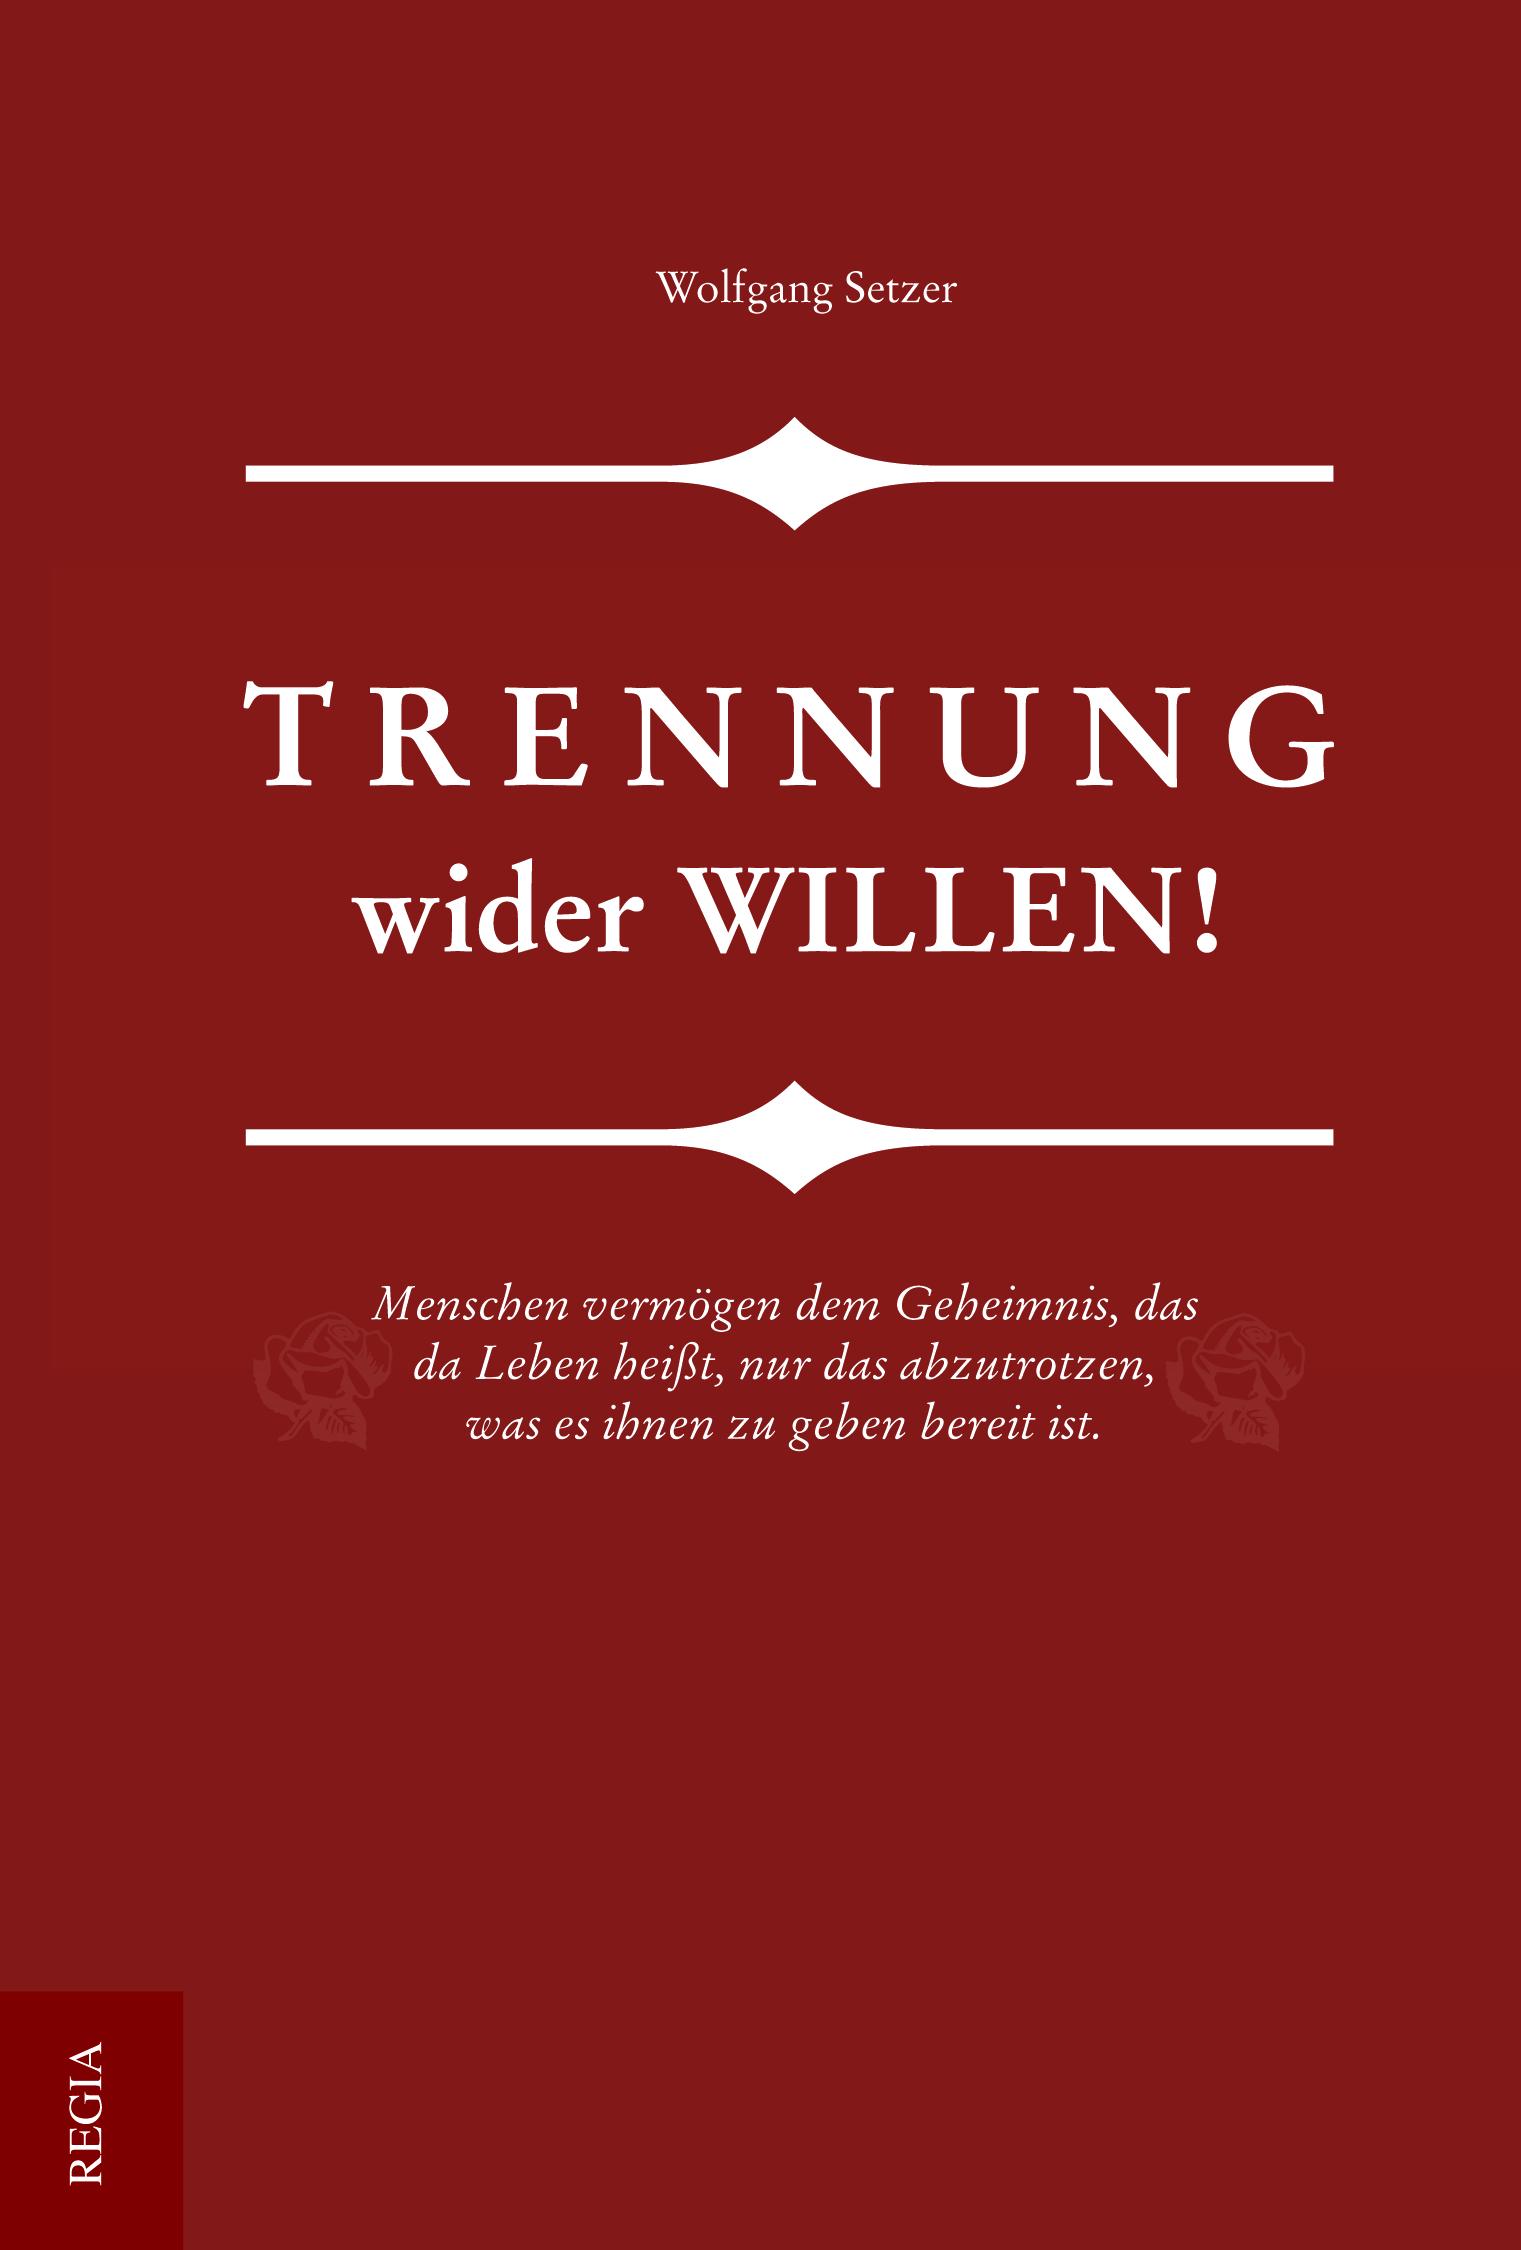 Wolfgang Setzer ~ Trennung wider Willen, 2 Teile 9783869293301